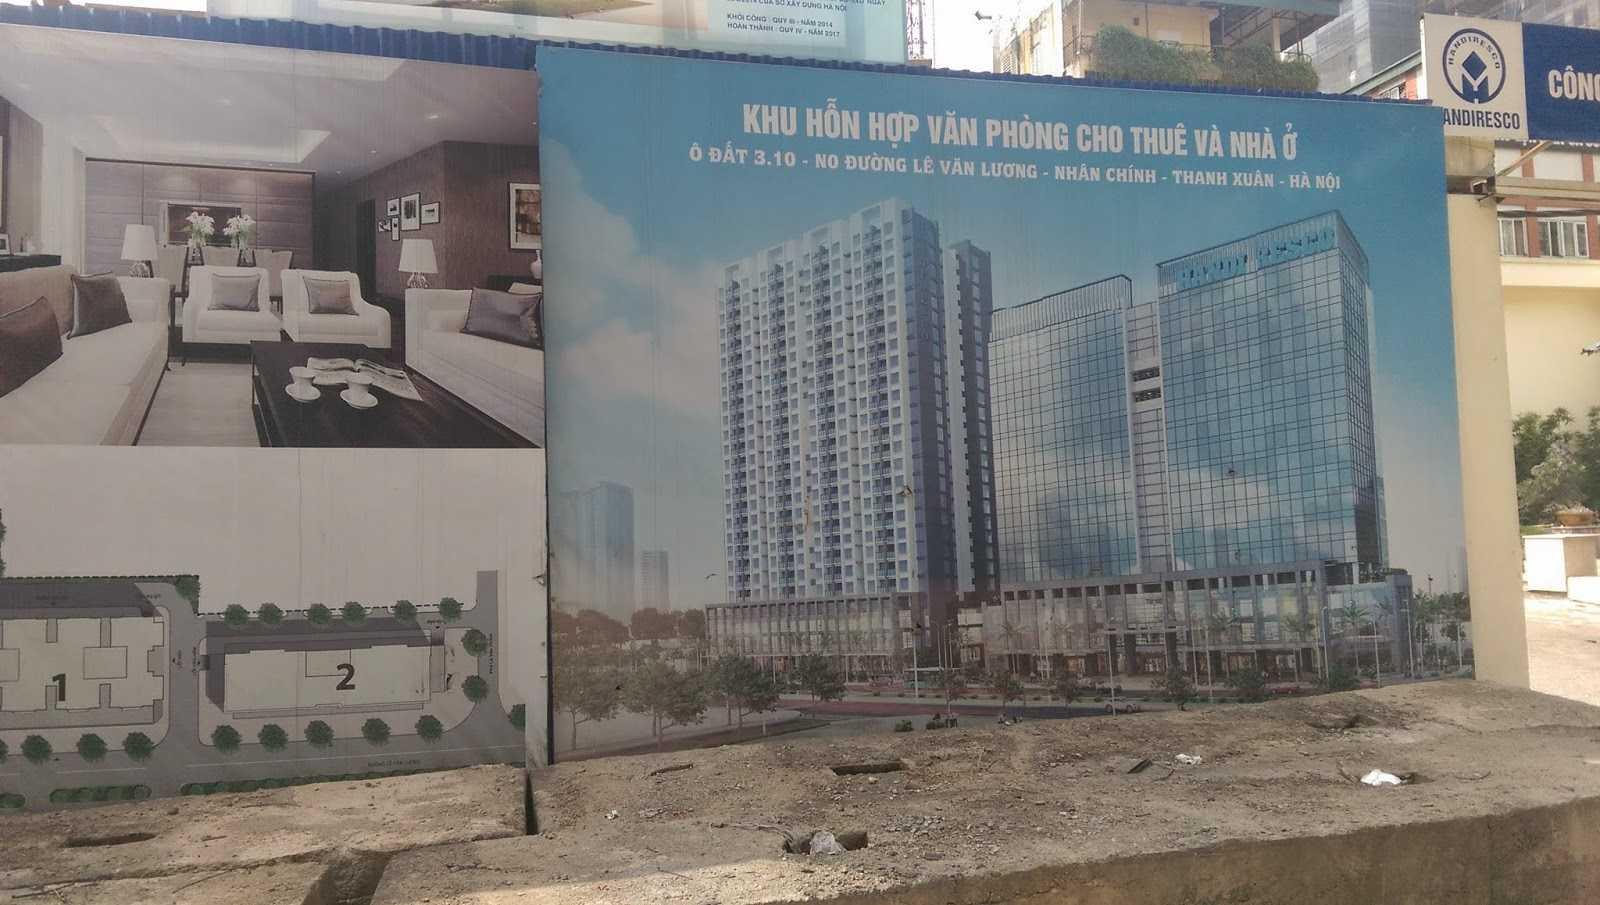 Dự án HandiResco nợ thuế dù đã bán nhà